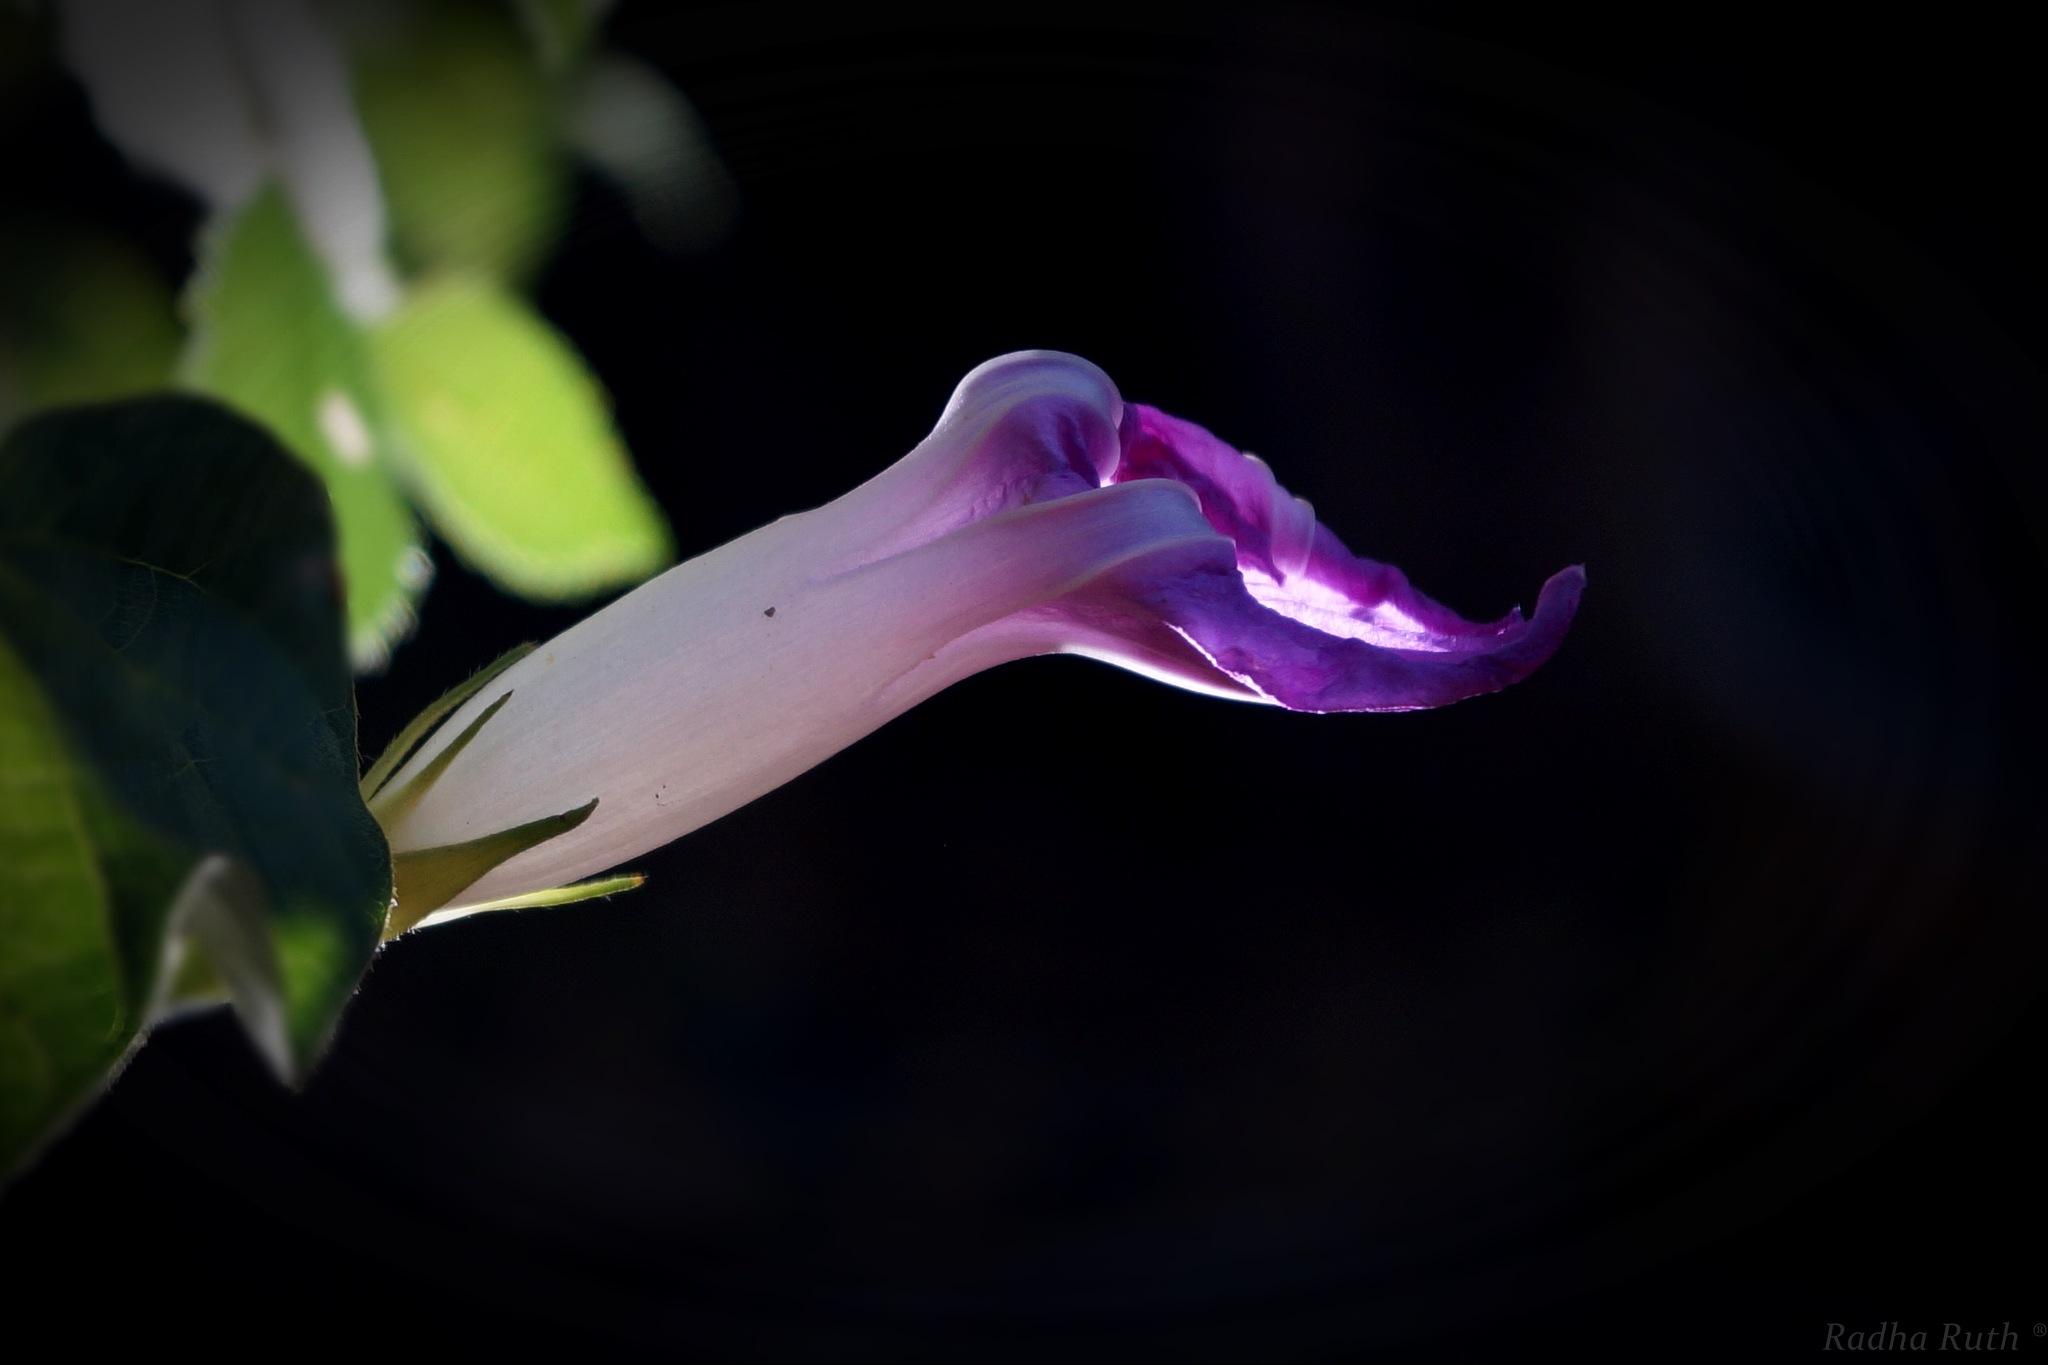 Smal gifts that my garden gives me on any given day /  Pequeños regalos que me da mi jardín un día c by Radha Ruth